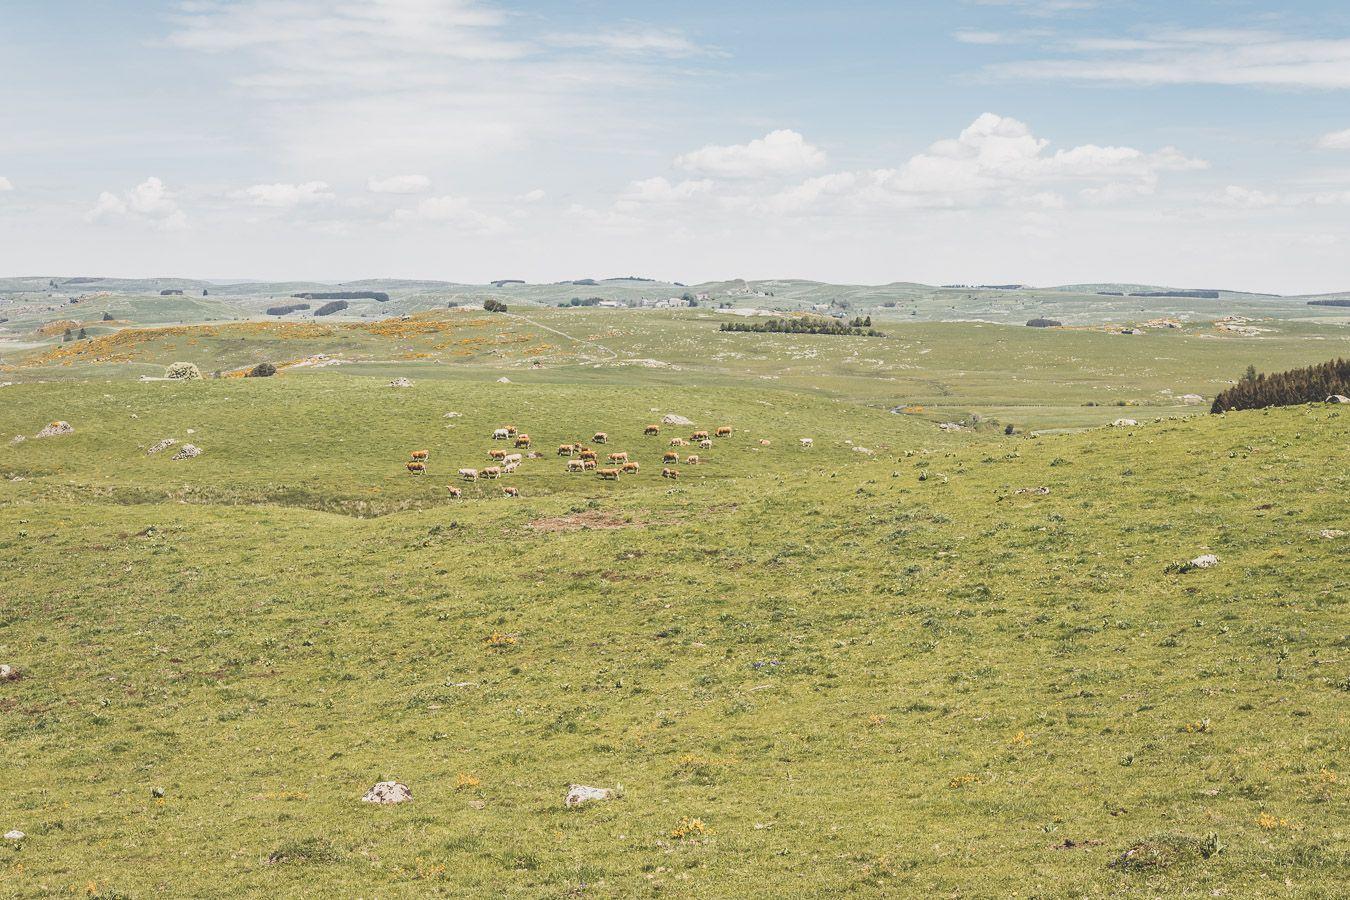 Vaches sur l'Aubrac - Lozère, Occitanie